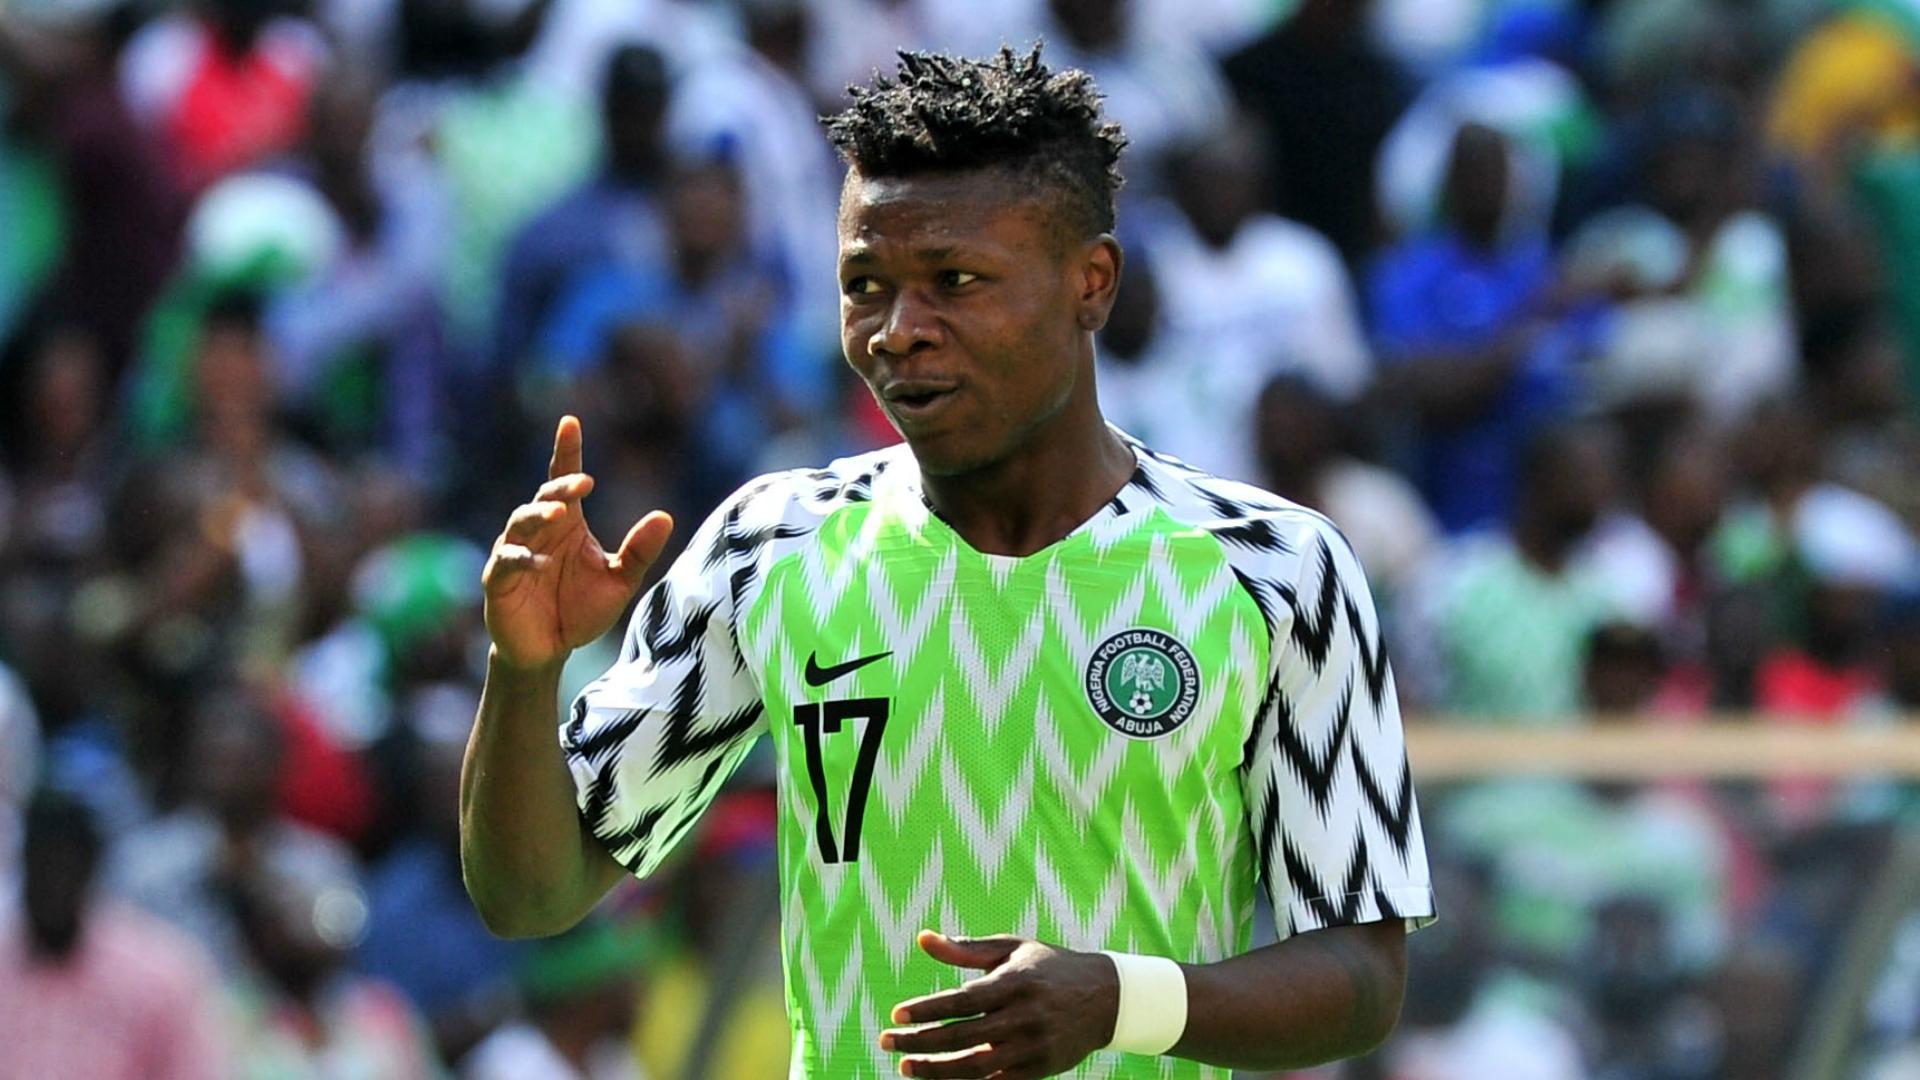 صامويل كالو لاعب نيجيريا